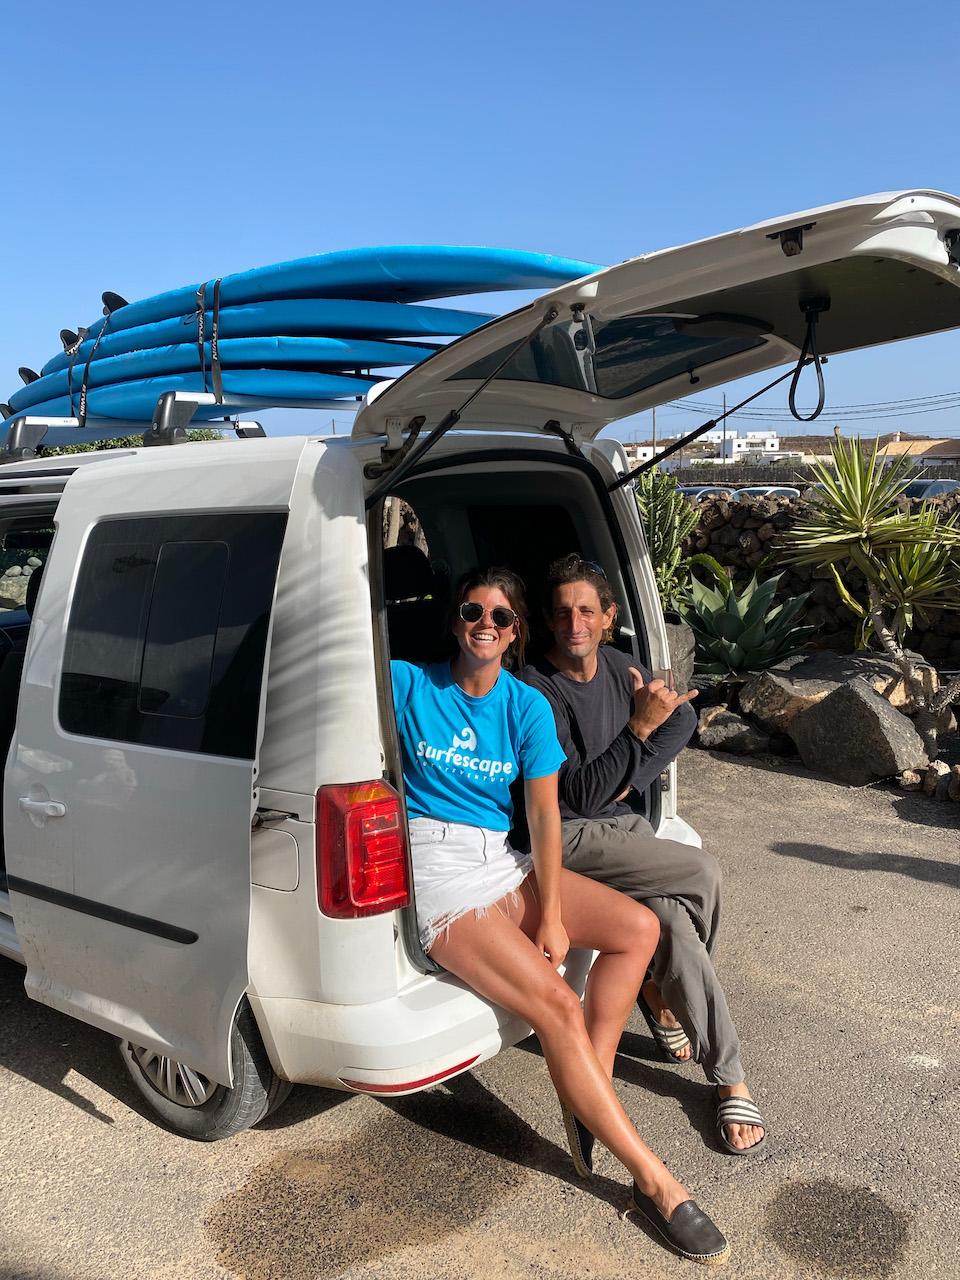 leren surfen op Fuerteventura The Surfescape